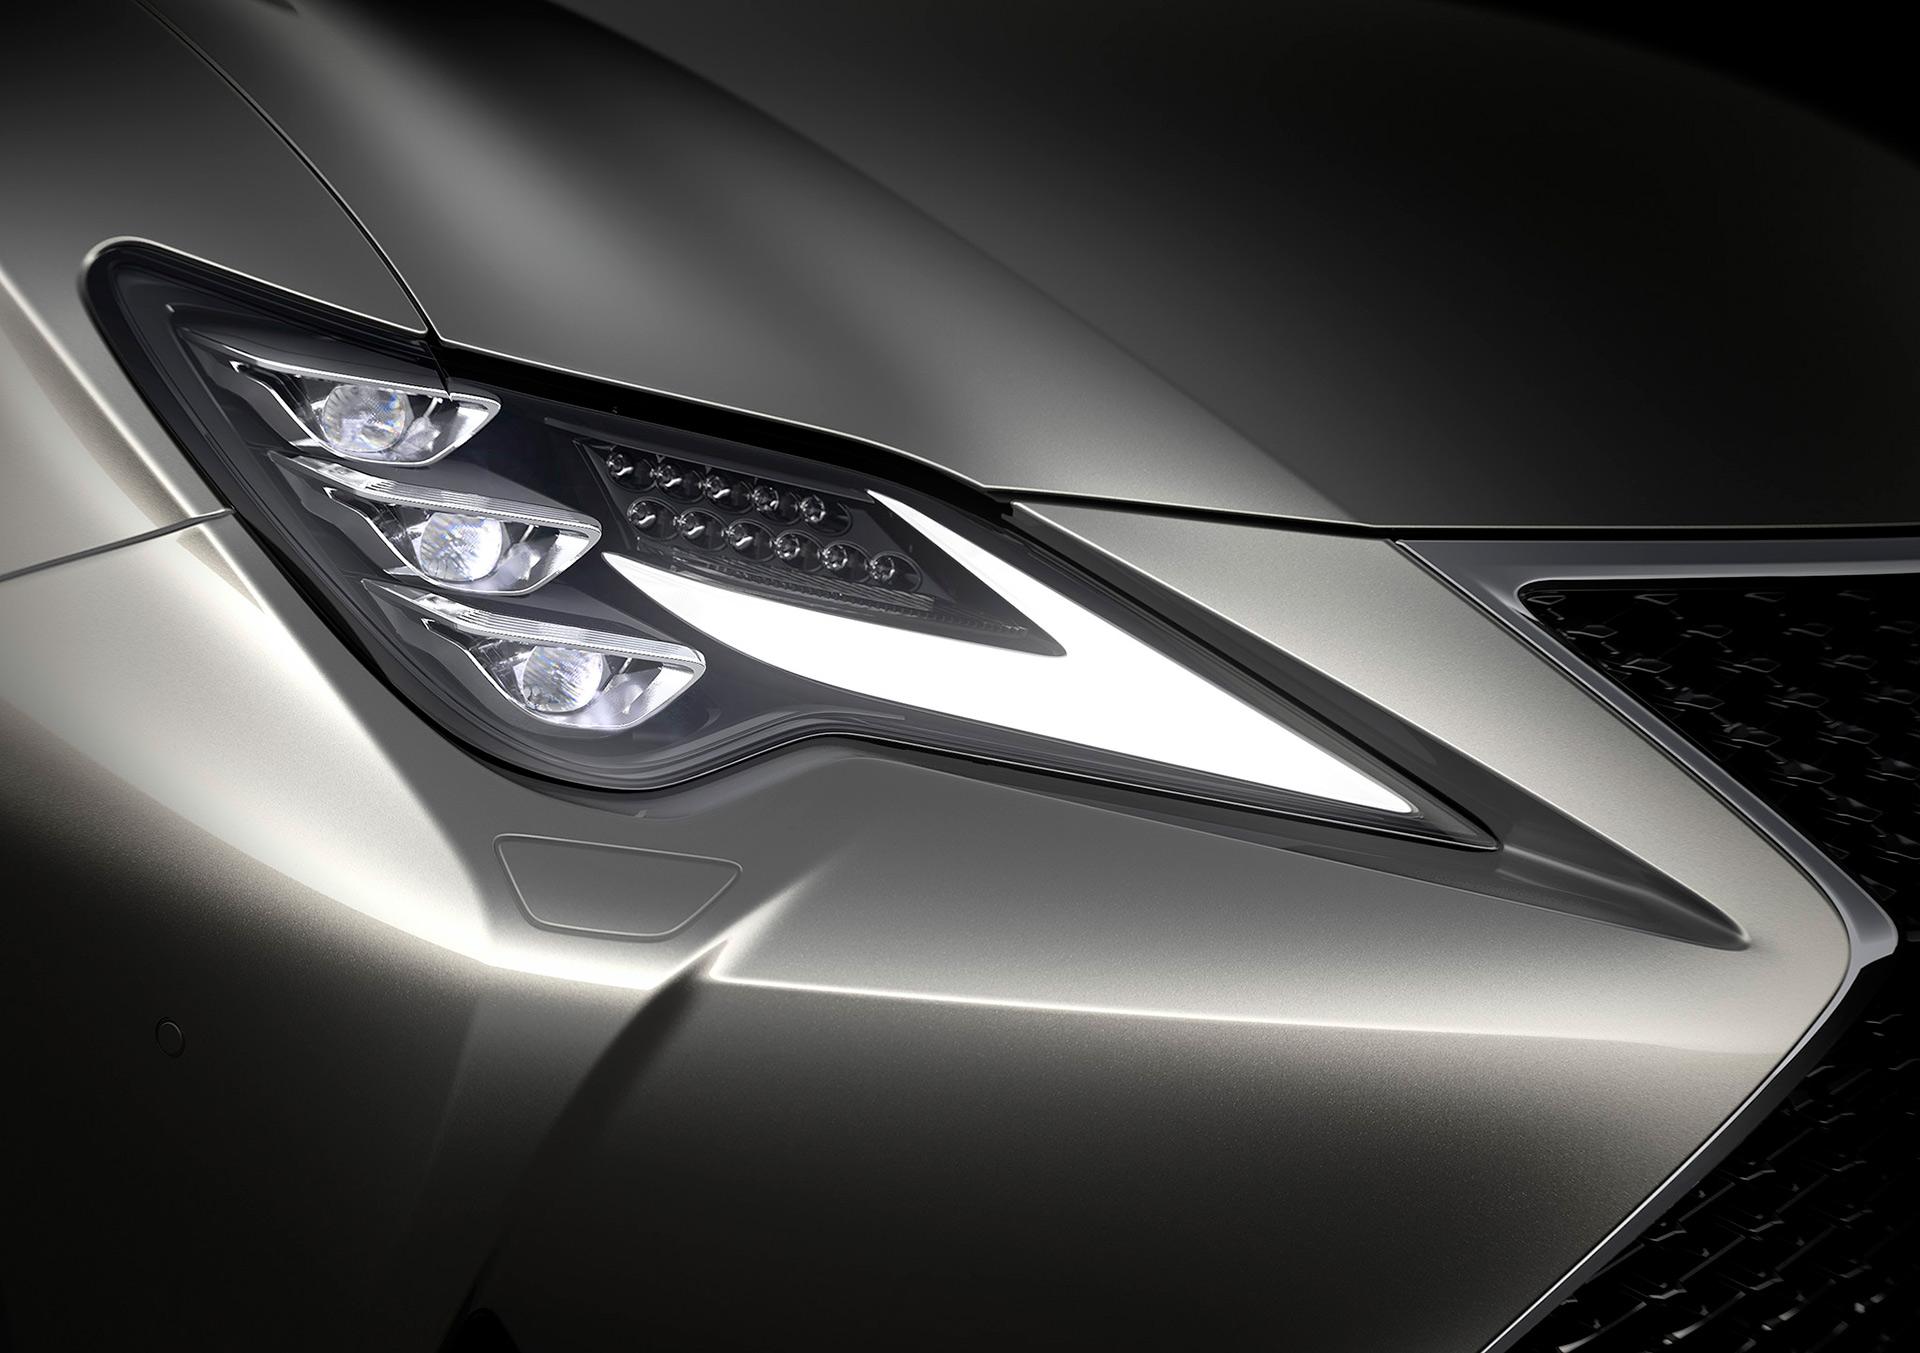 「【新車】レクサスRCがマイナーチェンジ。LC譲りのエレガントな外観と高い走行性能を獲得」の3枚目の画像